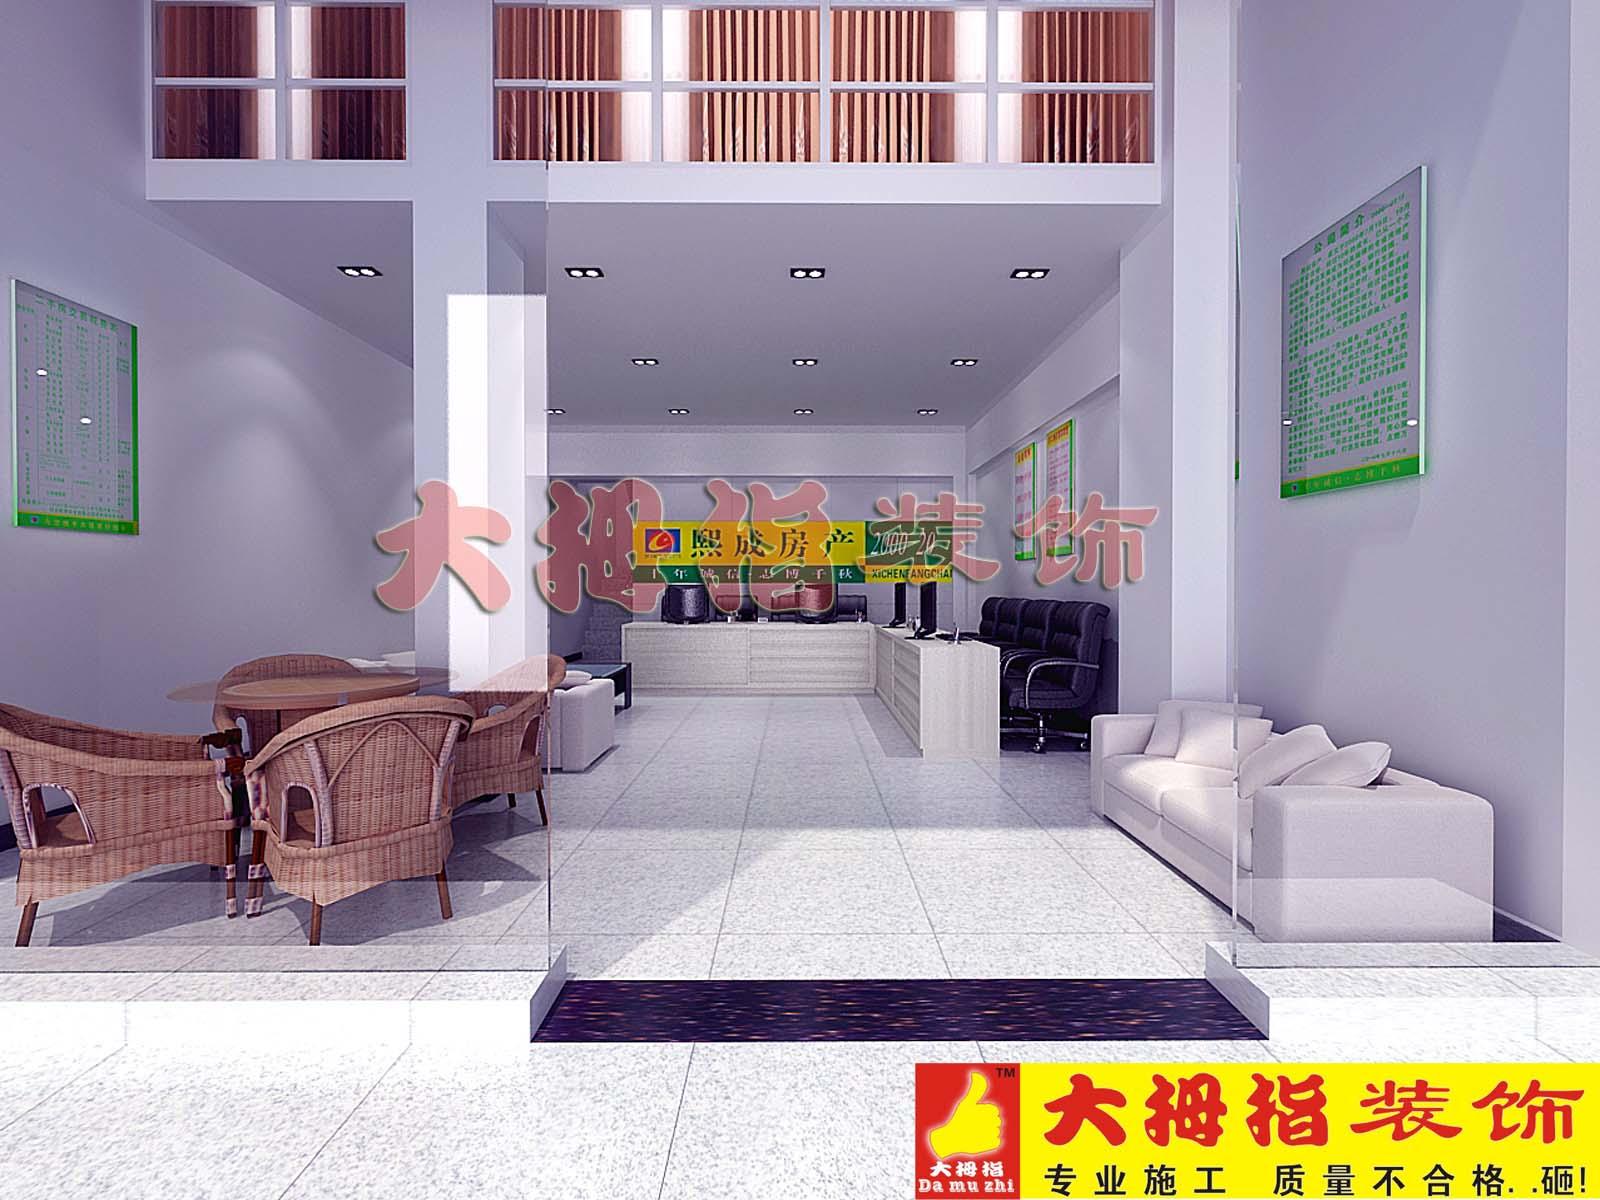 接待大厅效果图 办公楼案例 大拇指建筑装饰